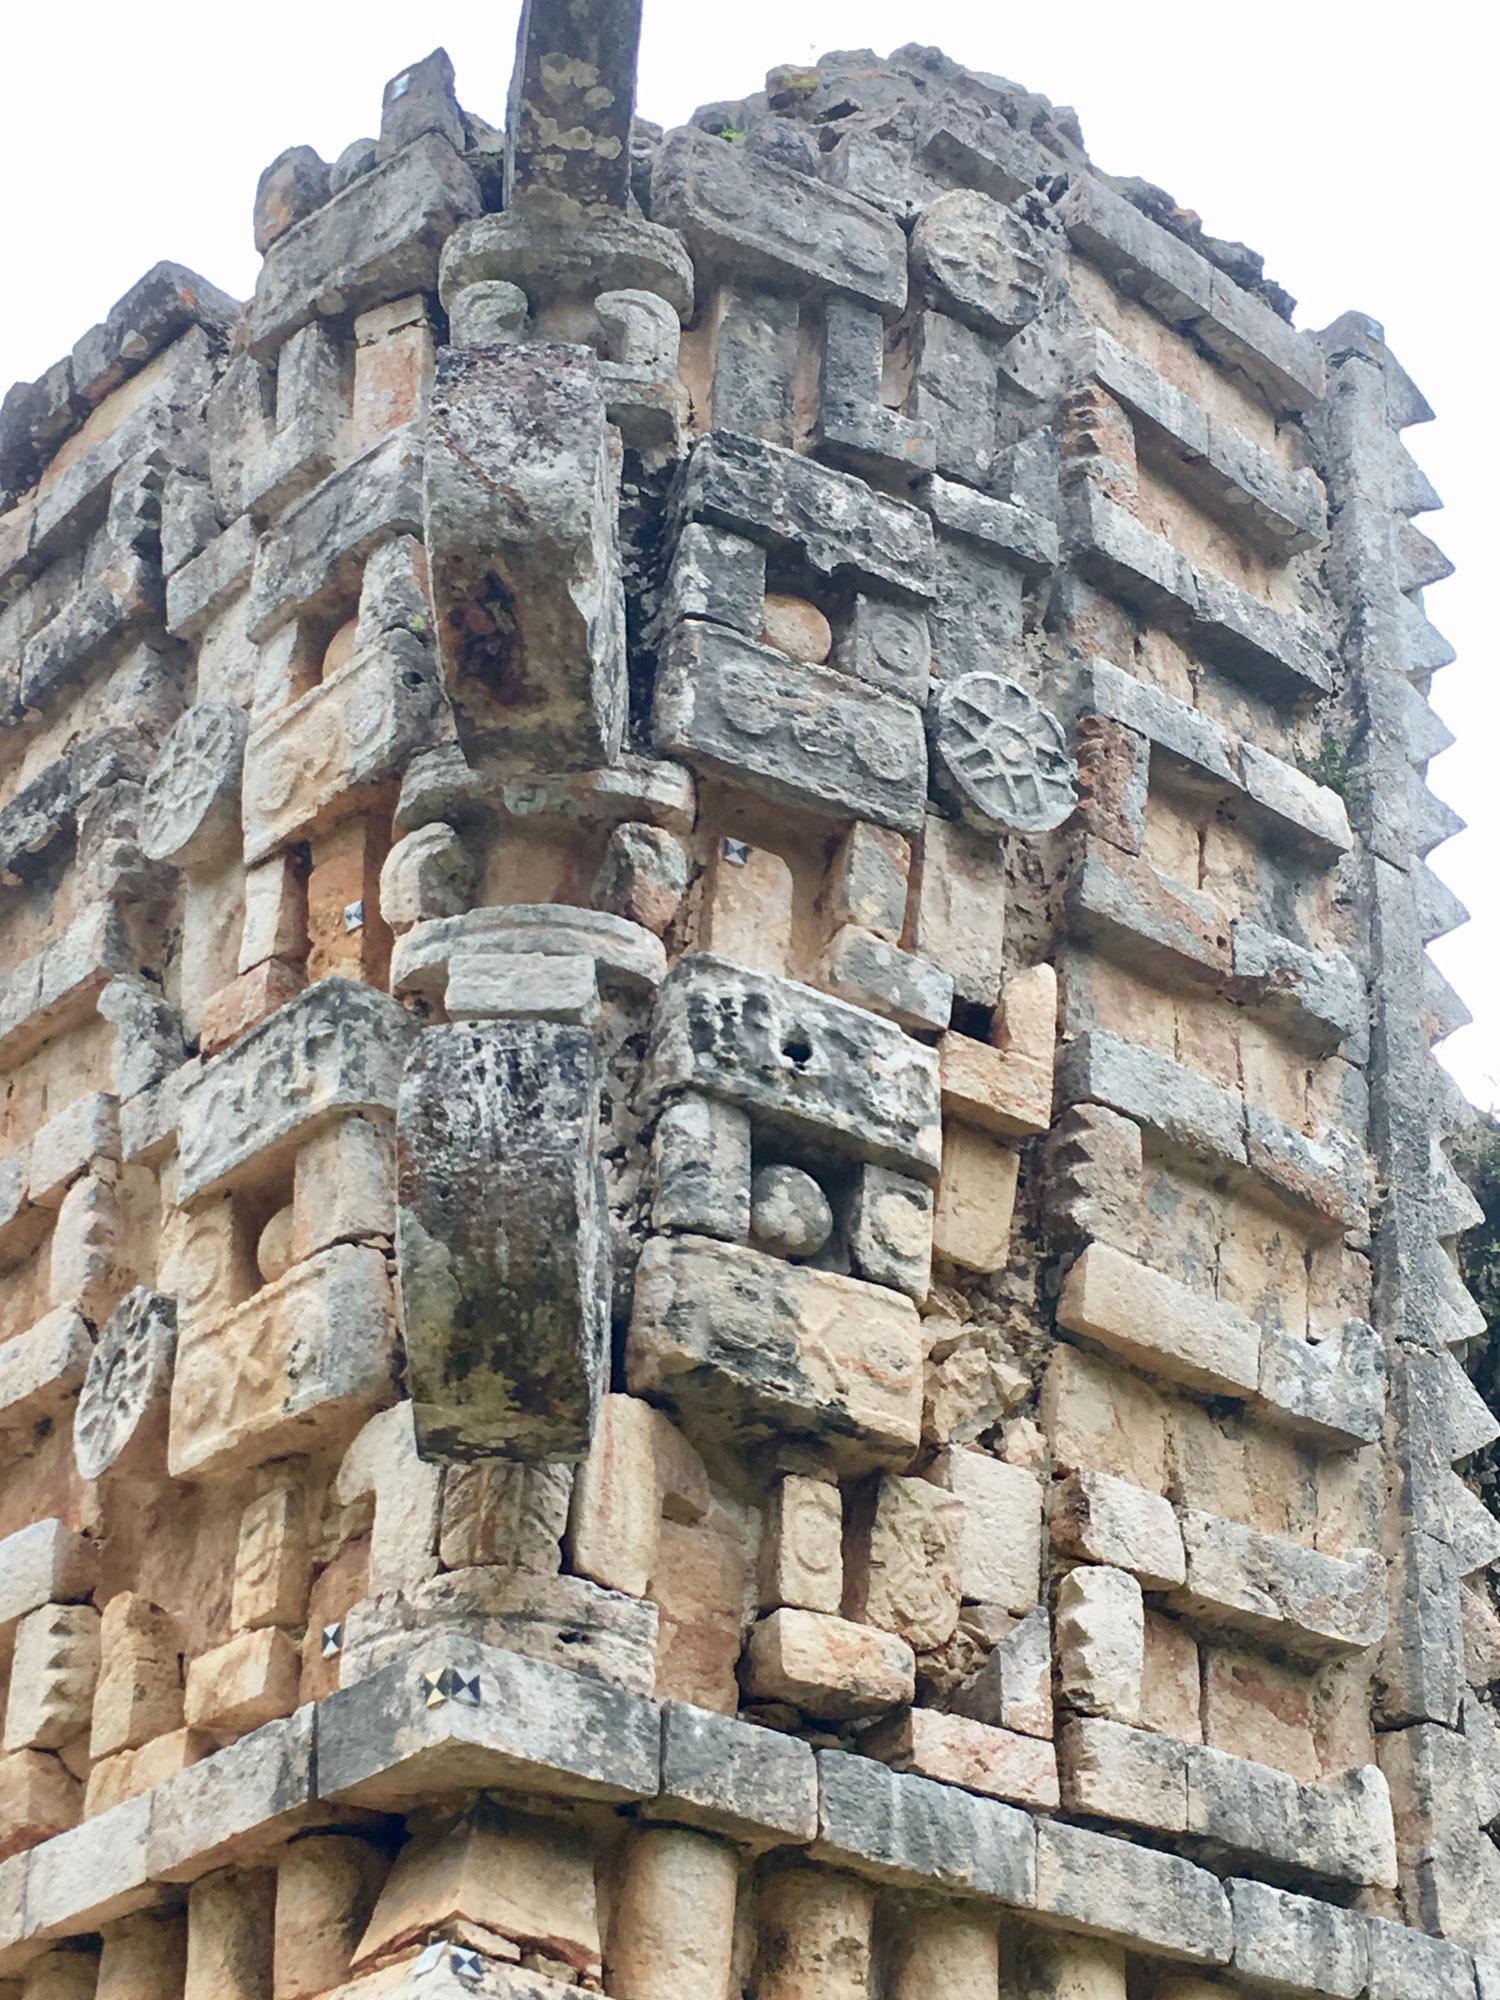 Xlapak ruins, Itzam Kah bird, a 'conjuring' house.